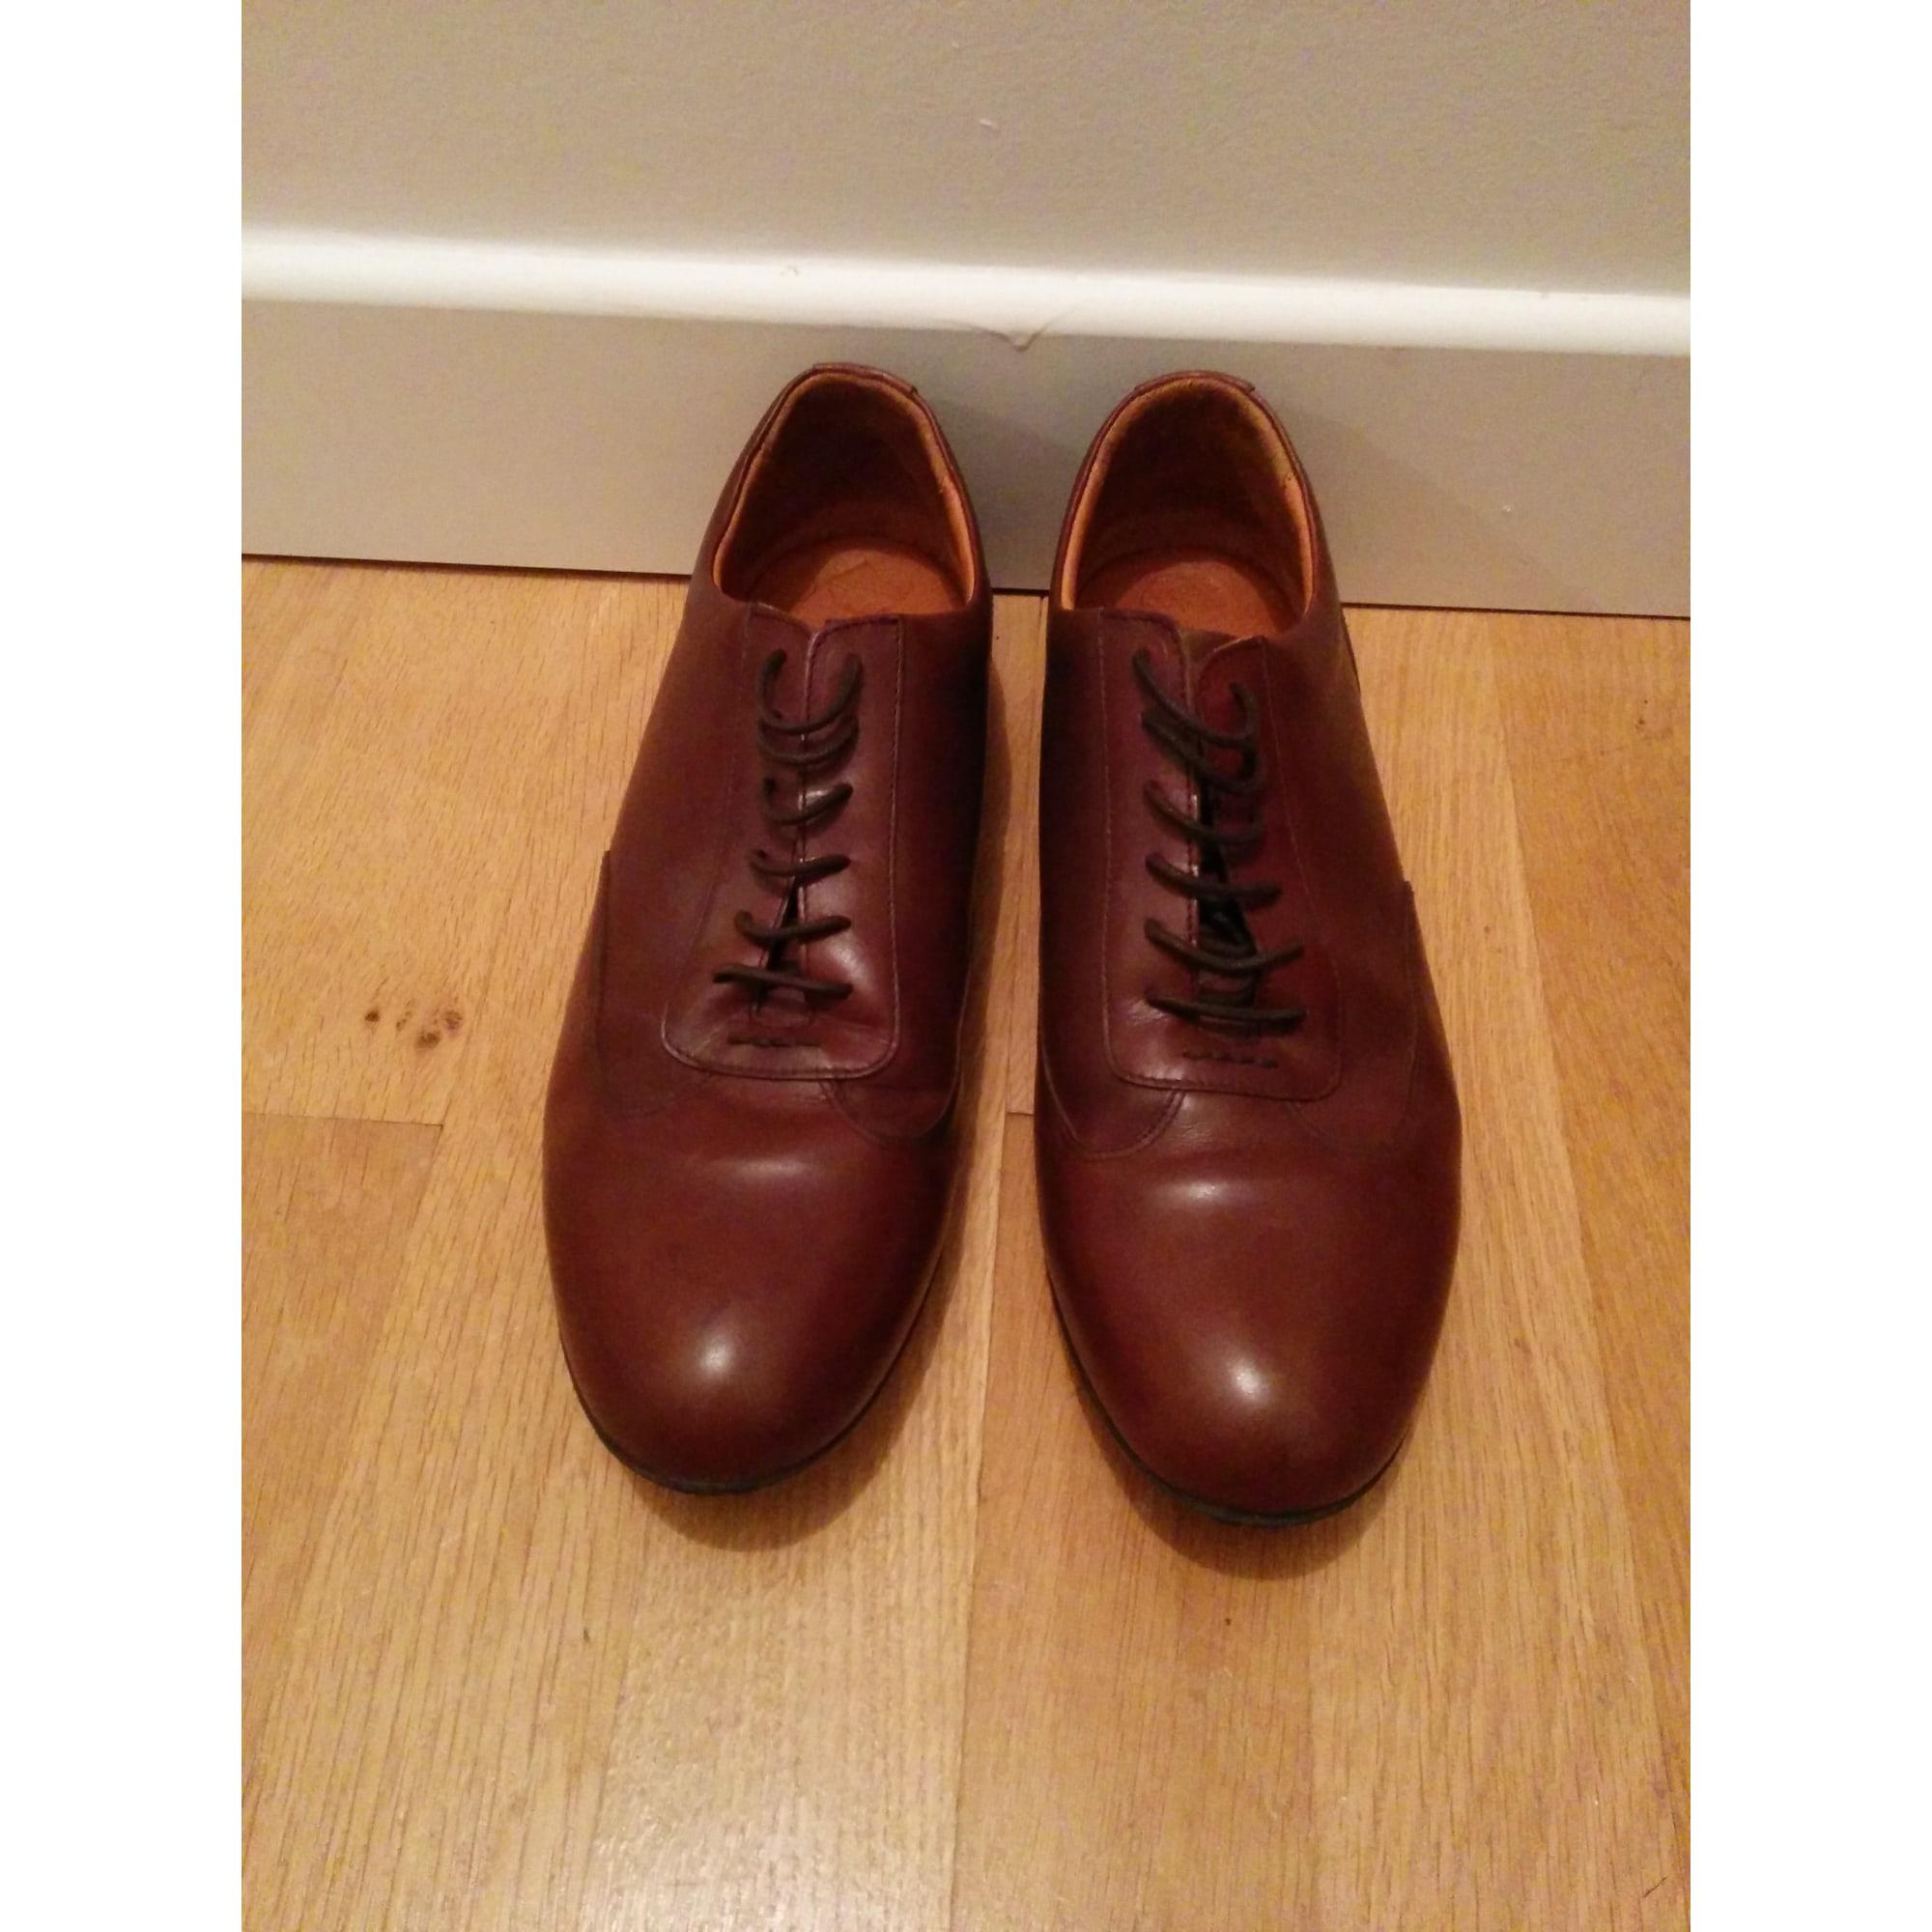 marron par 2150708 vendu à BEXLEY 43 lacets Shopname229815 Chaussures YwqIA4Y